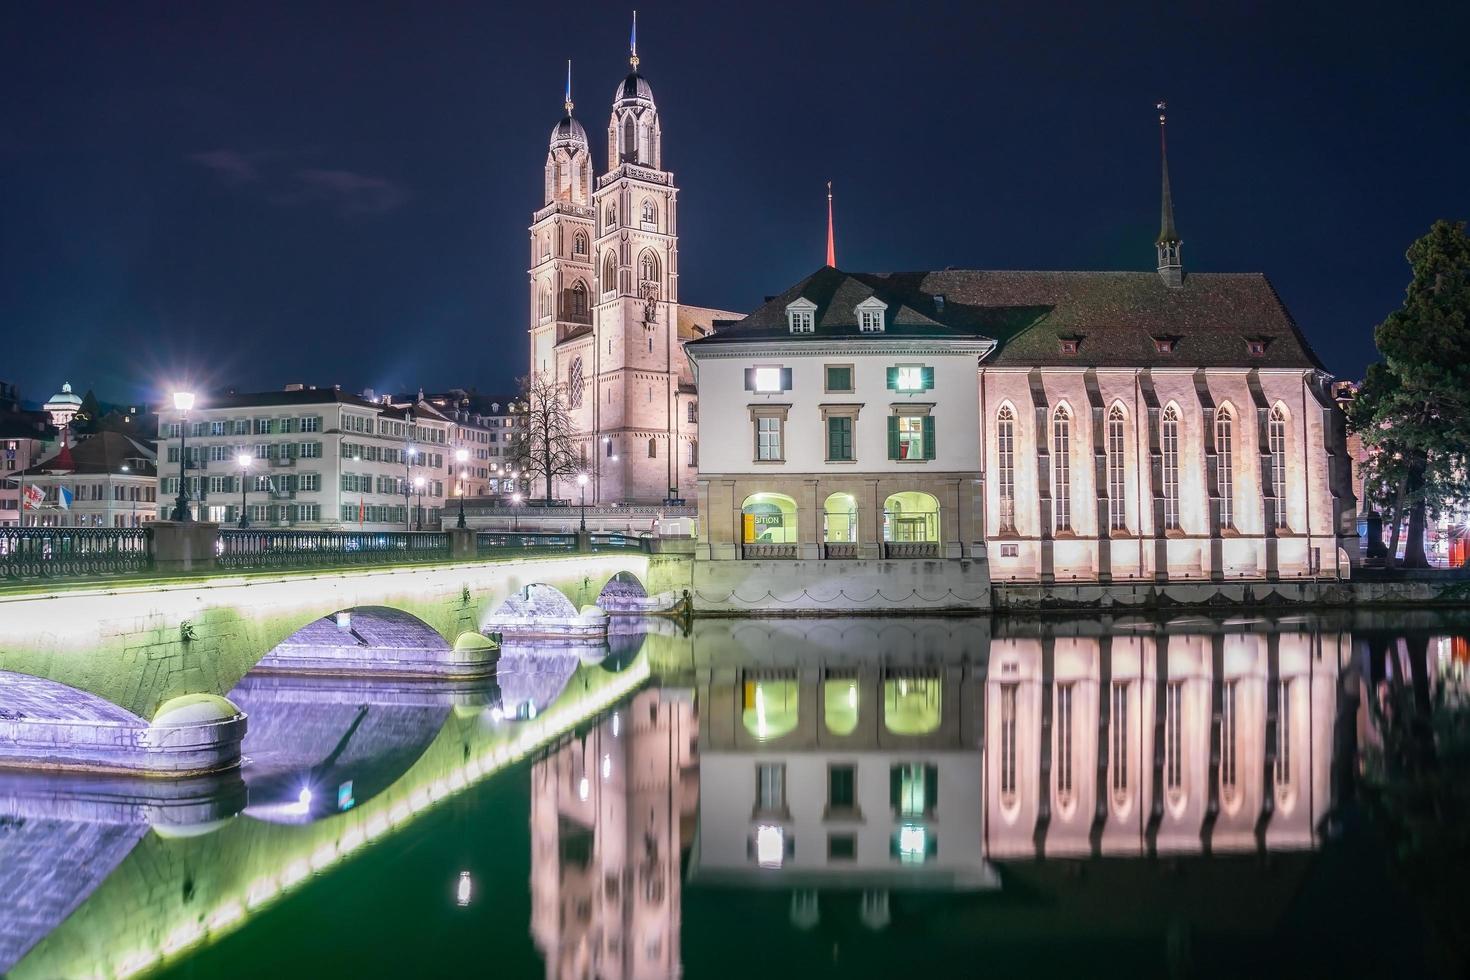 Città vecchia di Zurigo dal fiume Limmat, Svizzera, 2018 foto